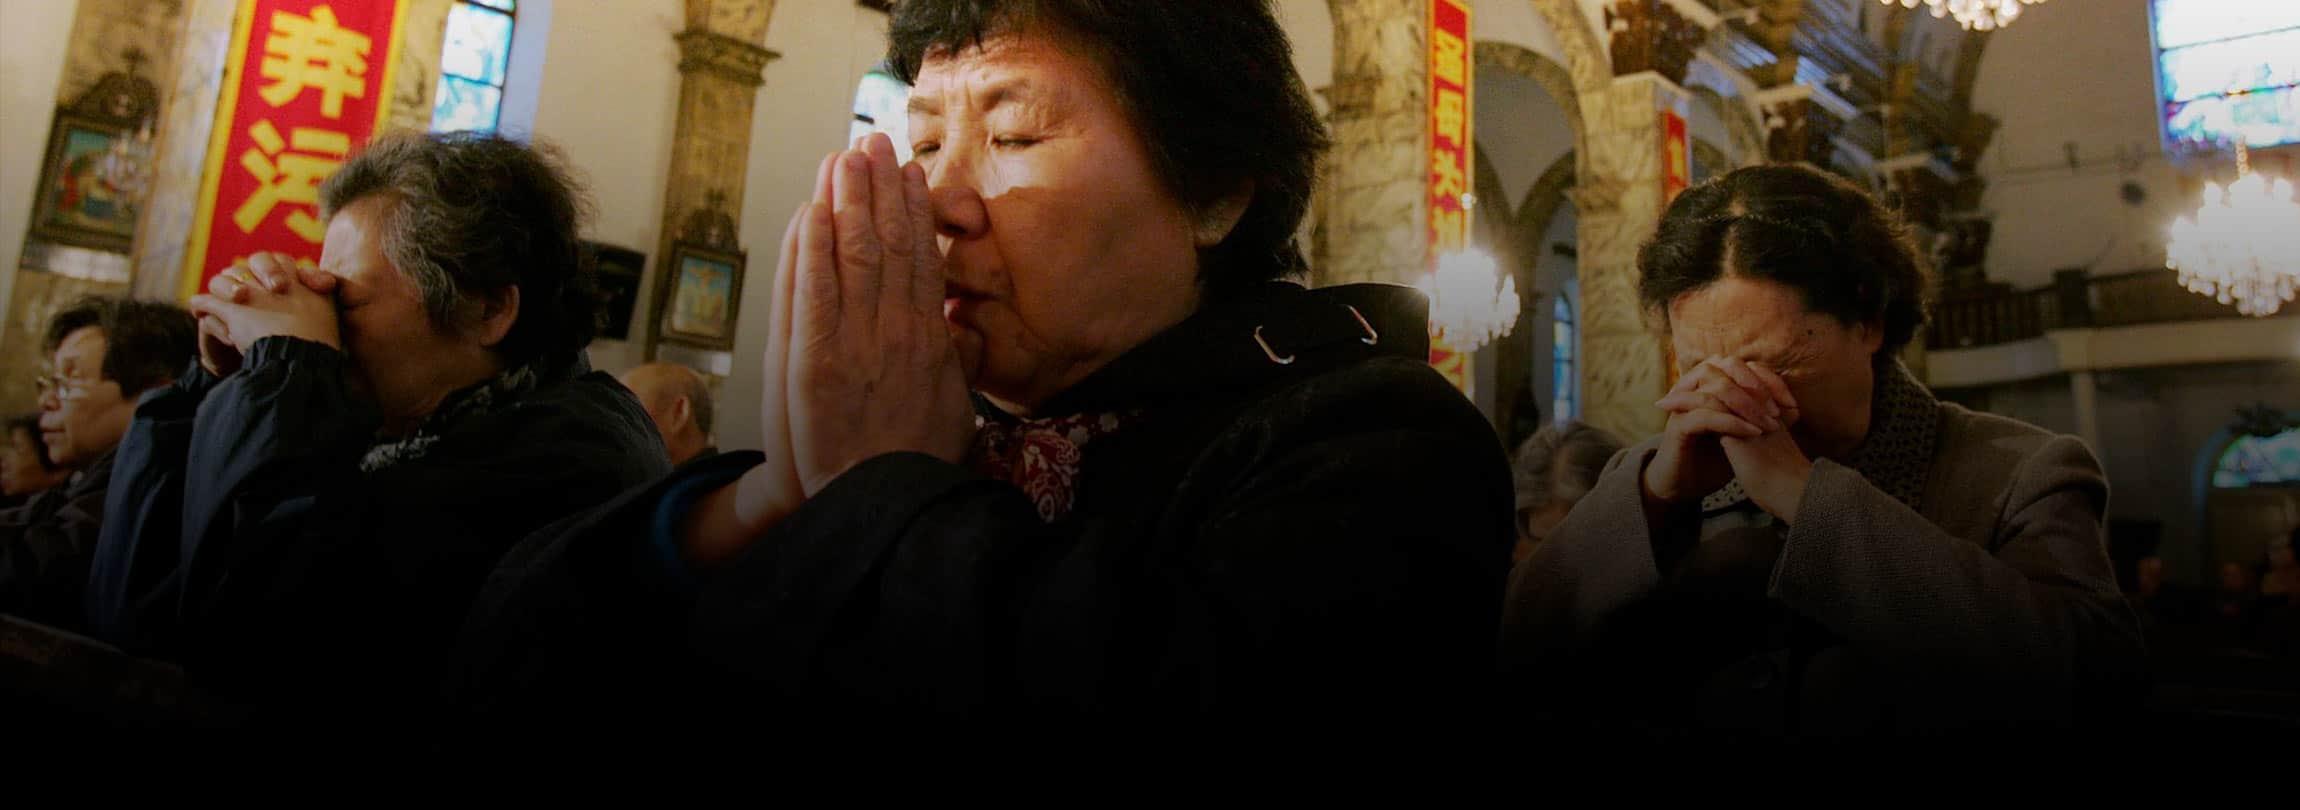 Os católicos clandestinos da China